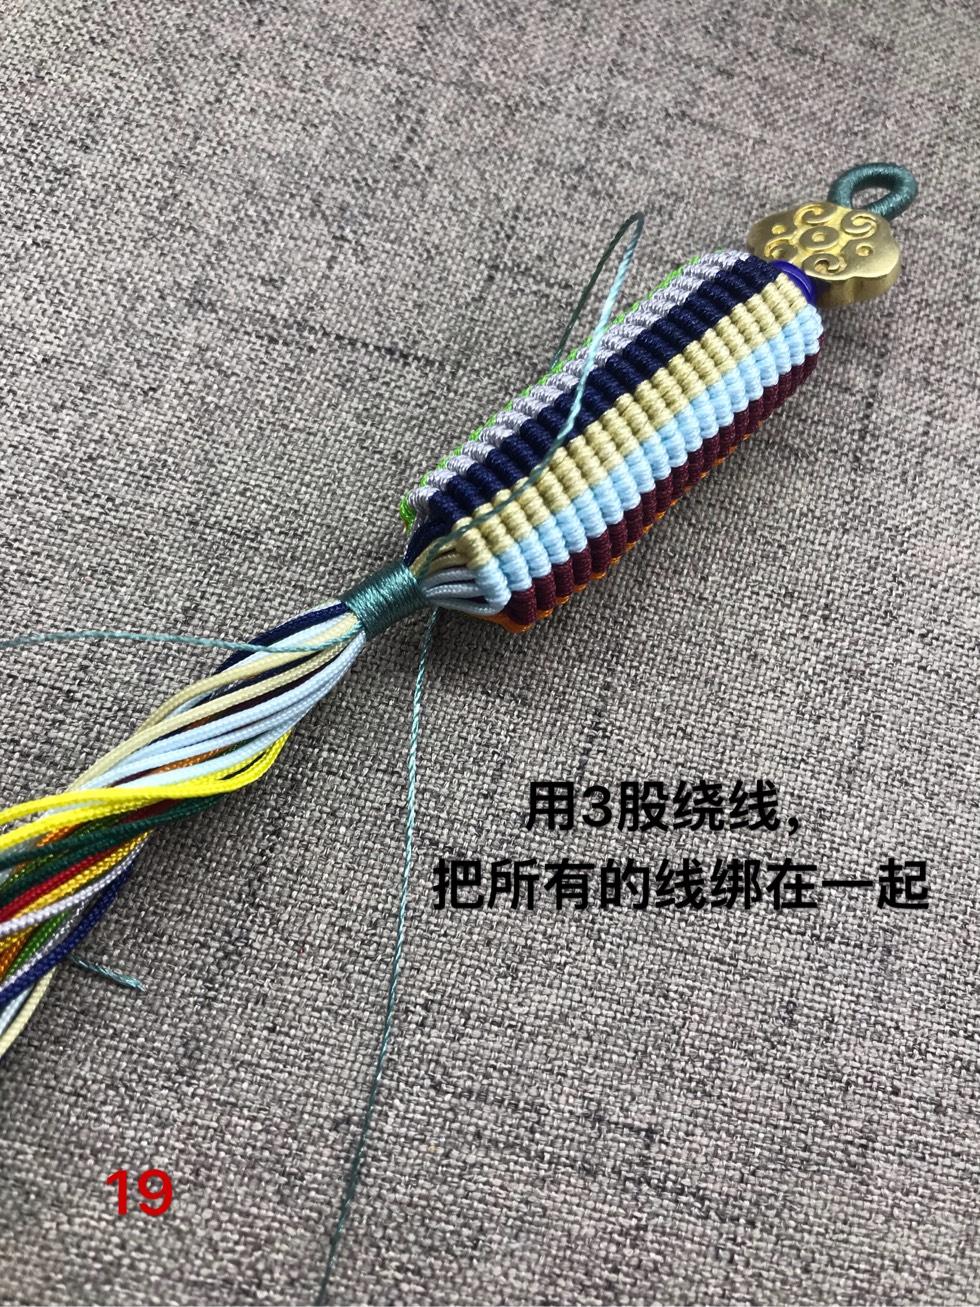 中国结论坛 迷你藏式转经筒  图文教程区 135342oo8o88oiv8d8j5oi